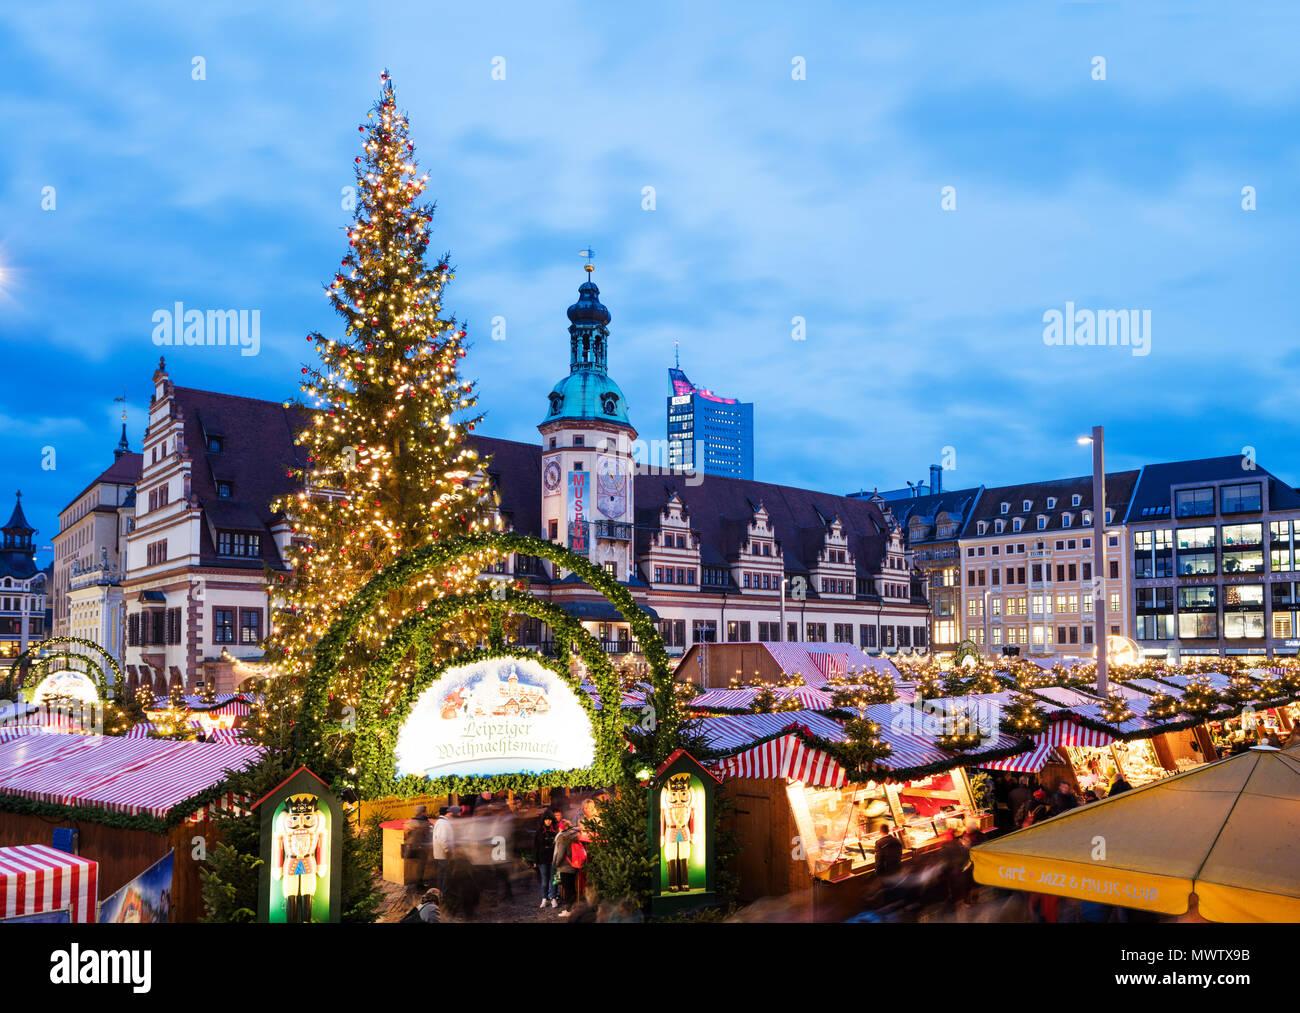 Leipziger Weihnachtsmarkt.Leipziger Weihnachtsmarkt Altes Rathaus Altes Rathaus